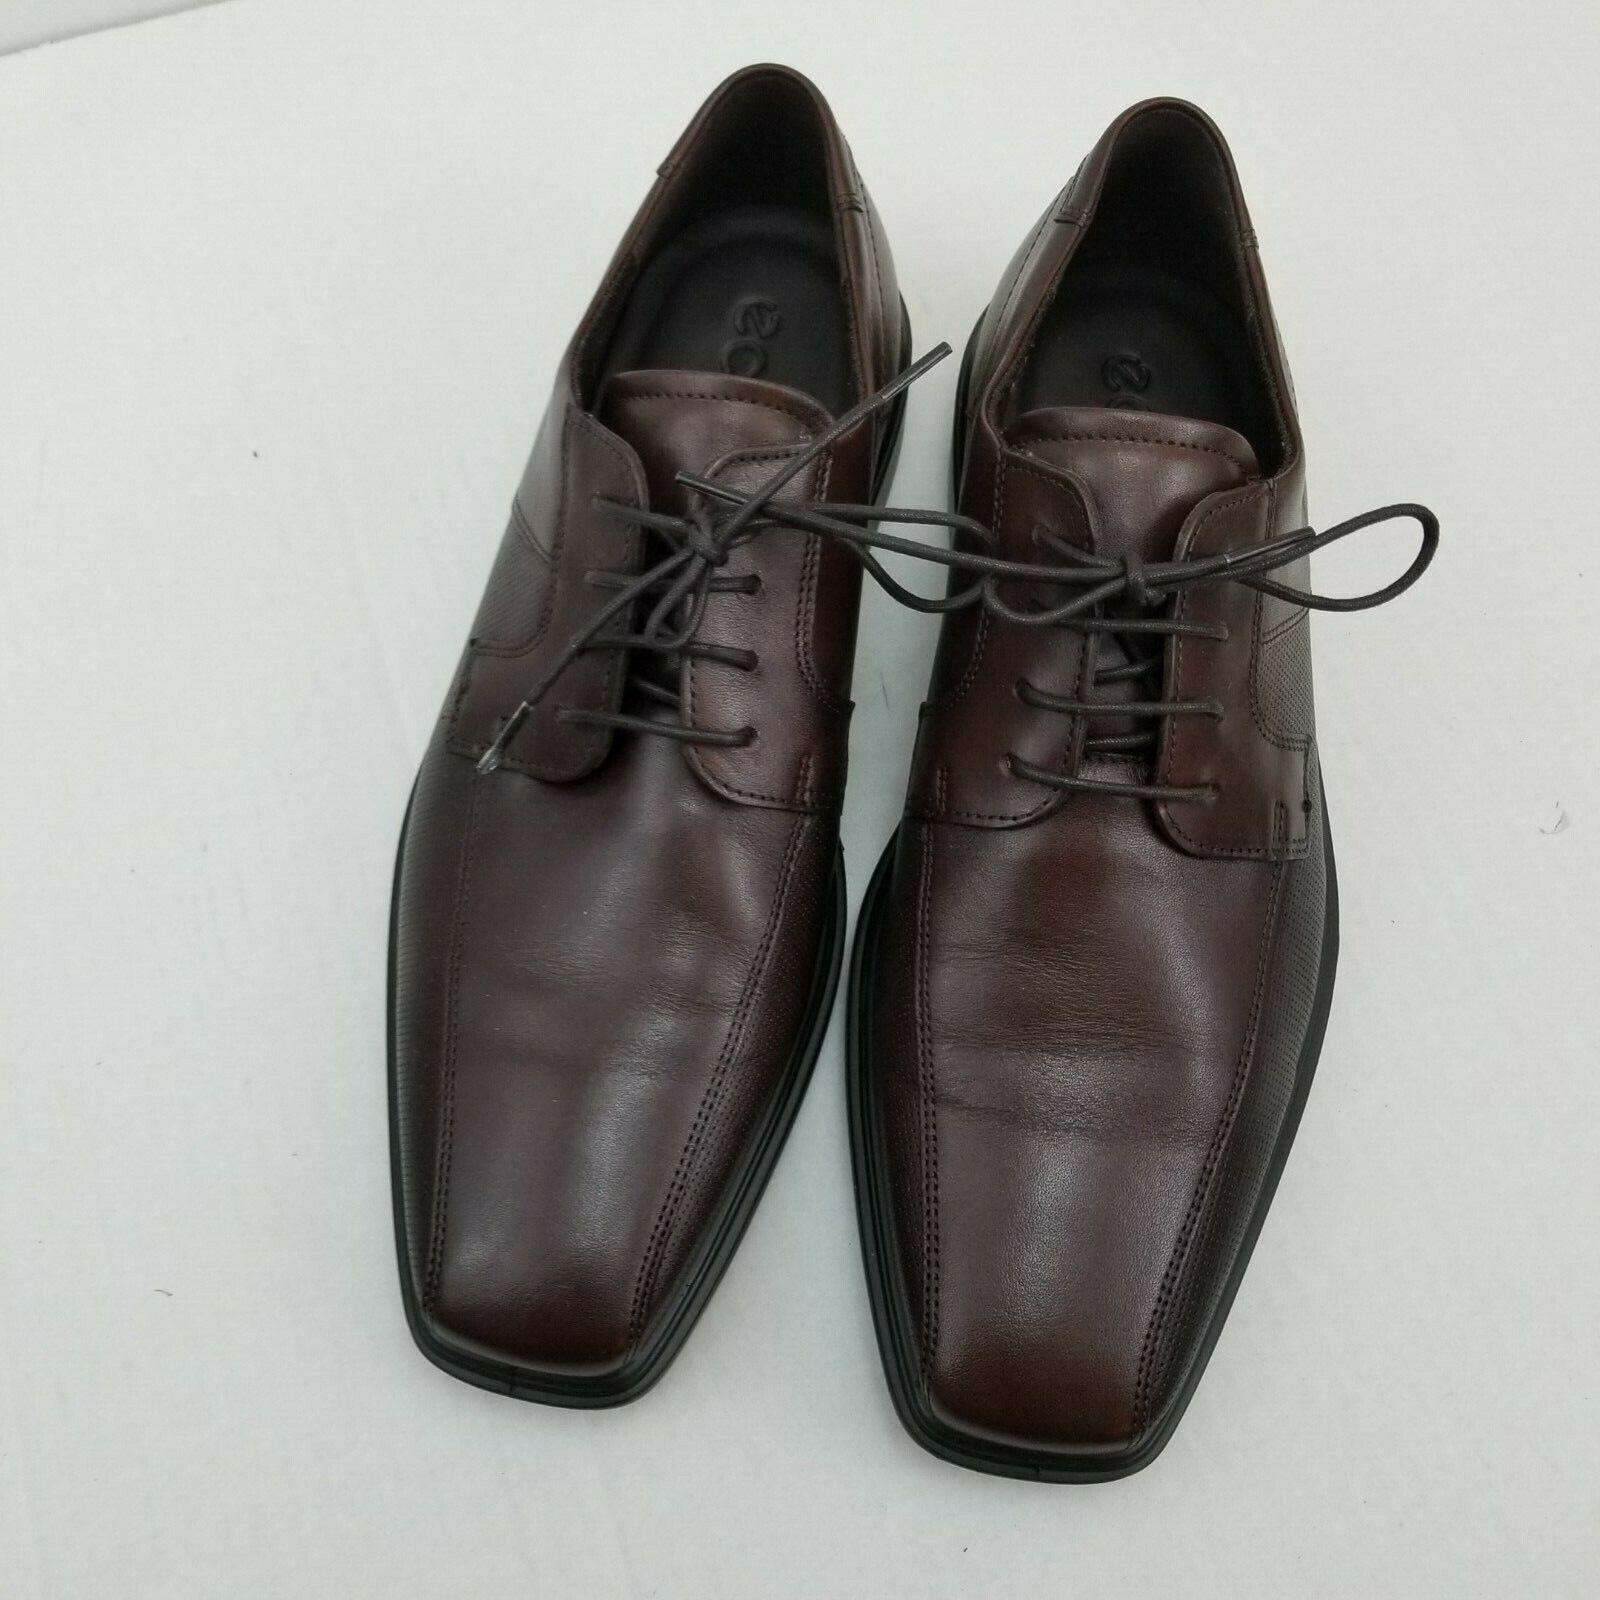 ECCO Minneapolis Mens shoes size US 11-11.5 (EUR 45) Mink Leather